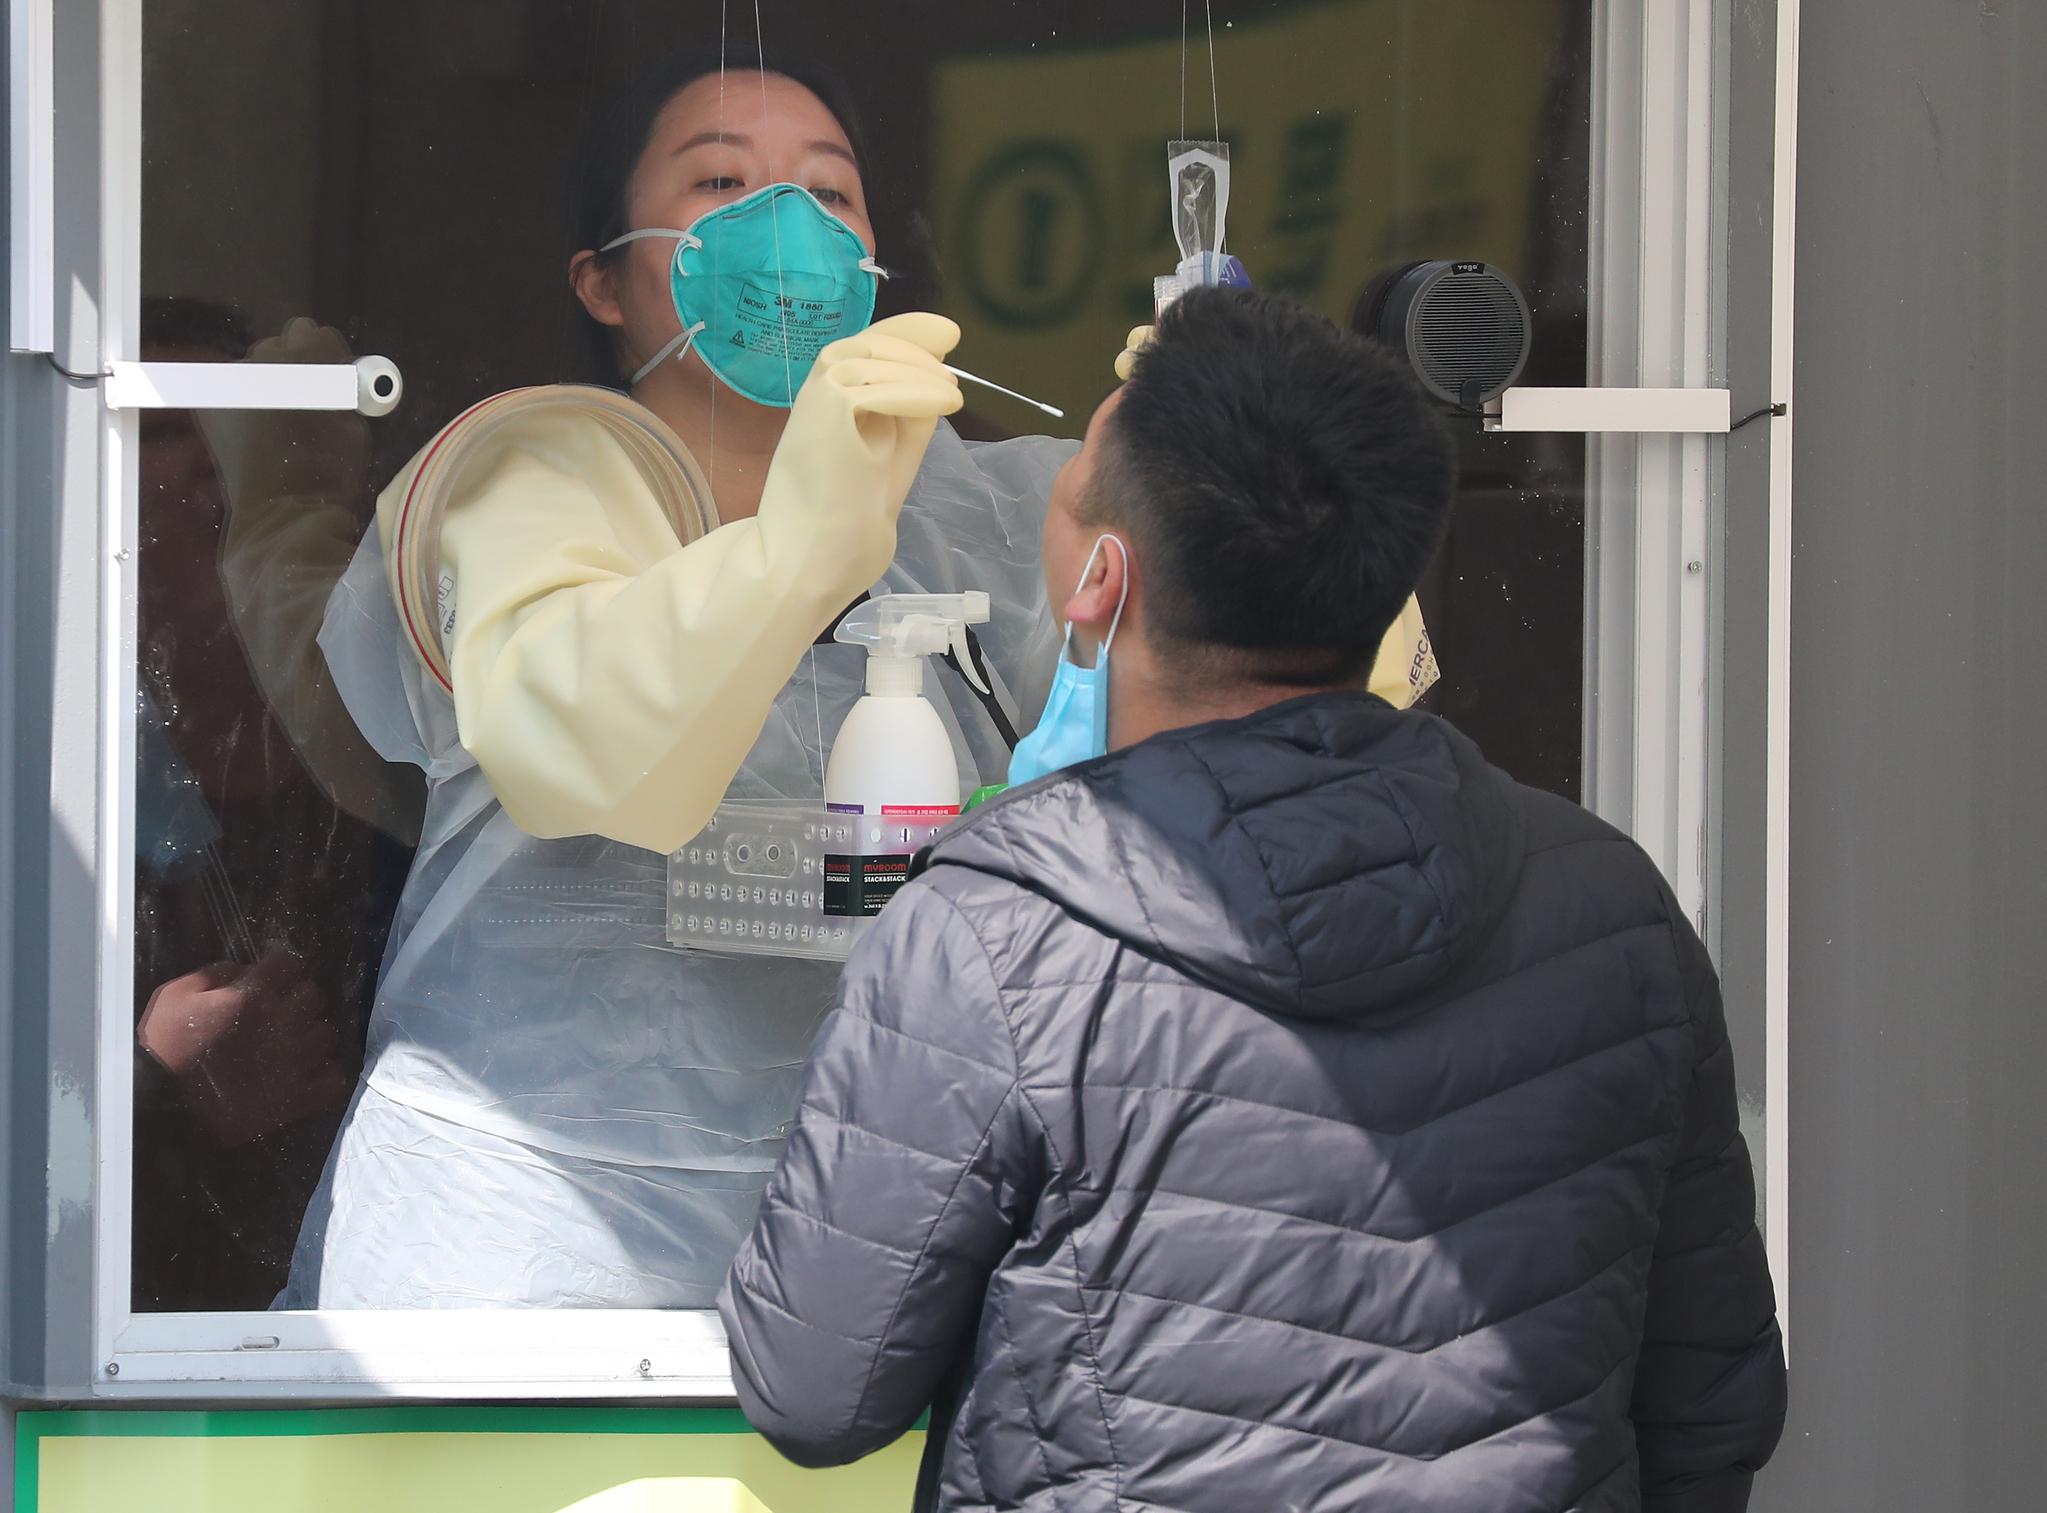 3일 오후 서울 송파구 잠실종합운동장에 마련된 워크스루 방식 선별진료소에서 한 시민이 검체채취를 받고 있다. 연합뉴스